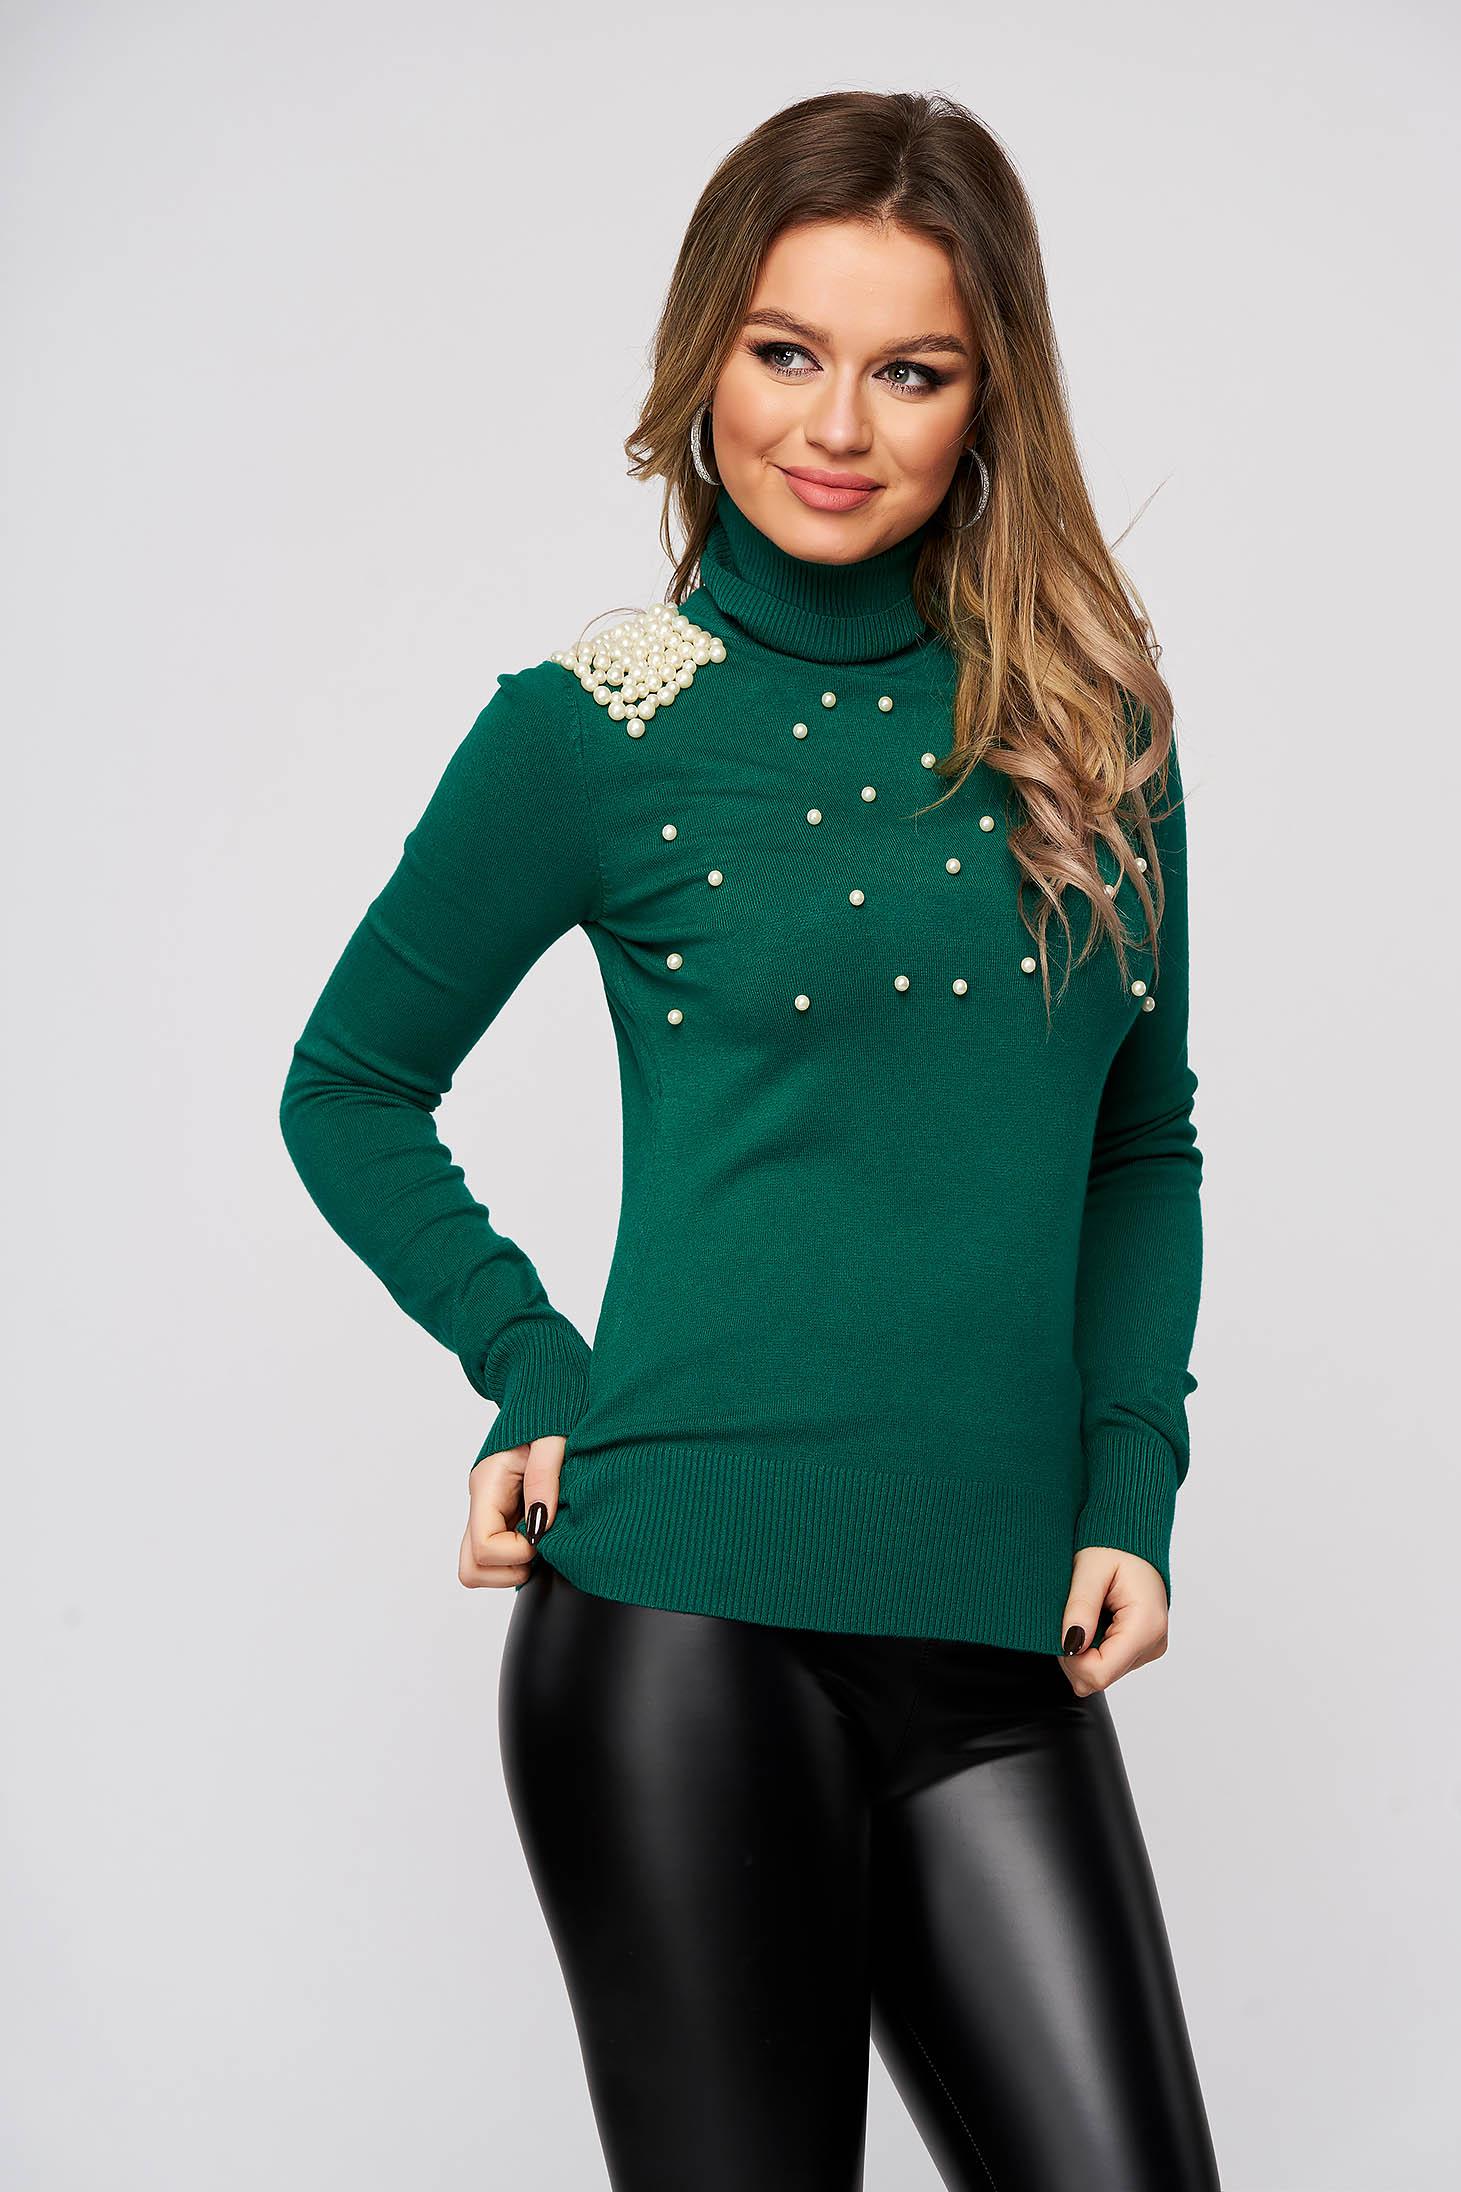 Zöld rugalmas és finom anyagból készült magasnyakú szűk szabású csíkozott anyag pulóver gyöngy díszítéssel